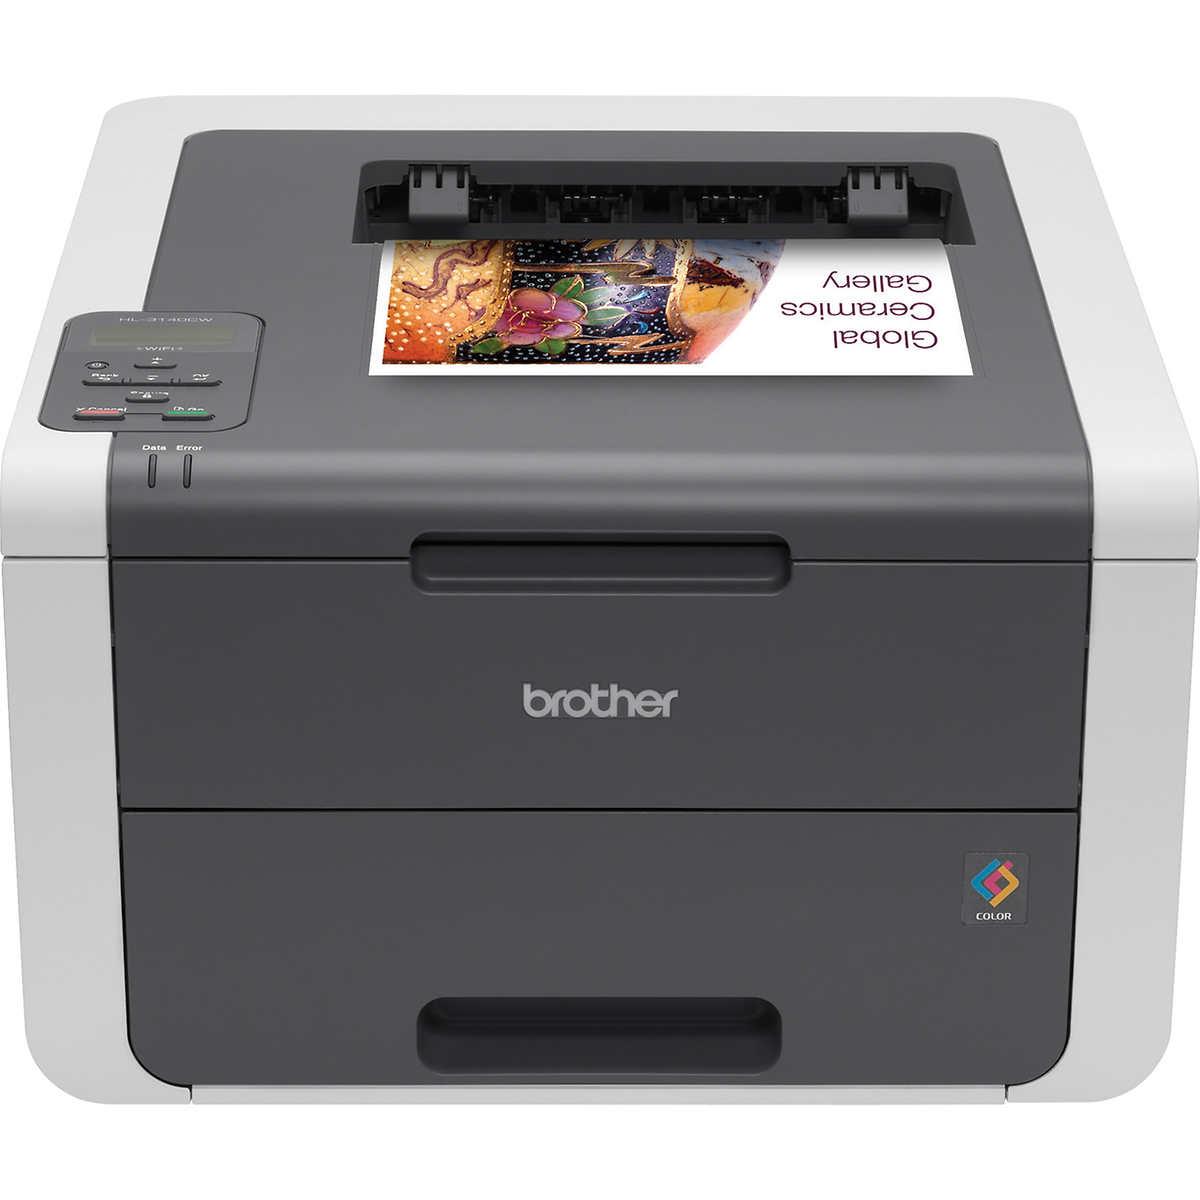 Color printing inkjet vs laser - Brother Hl 3140cw Digital Color Printer